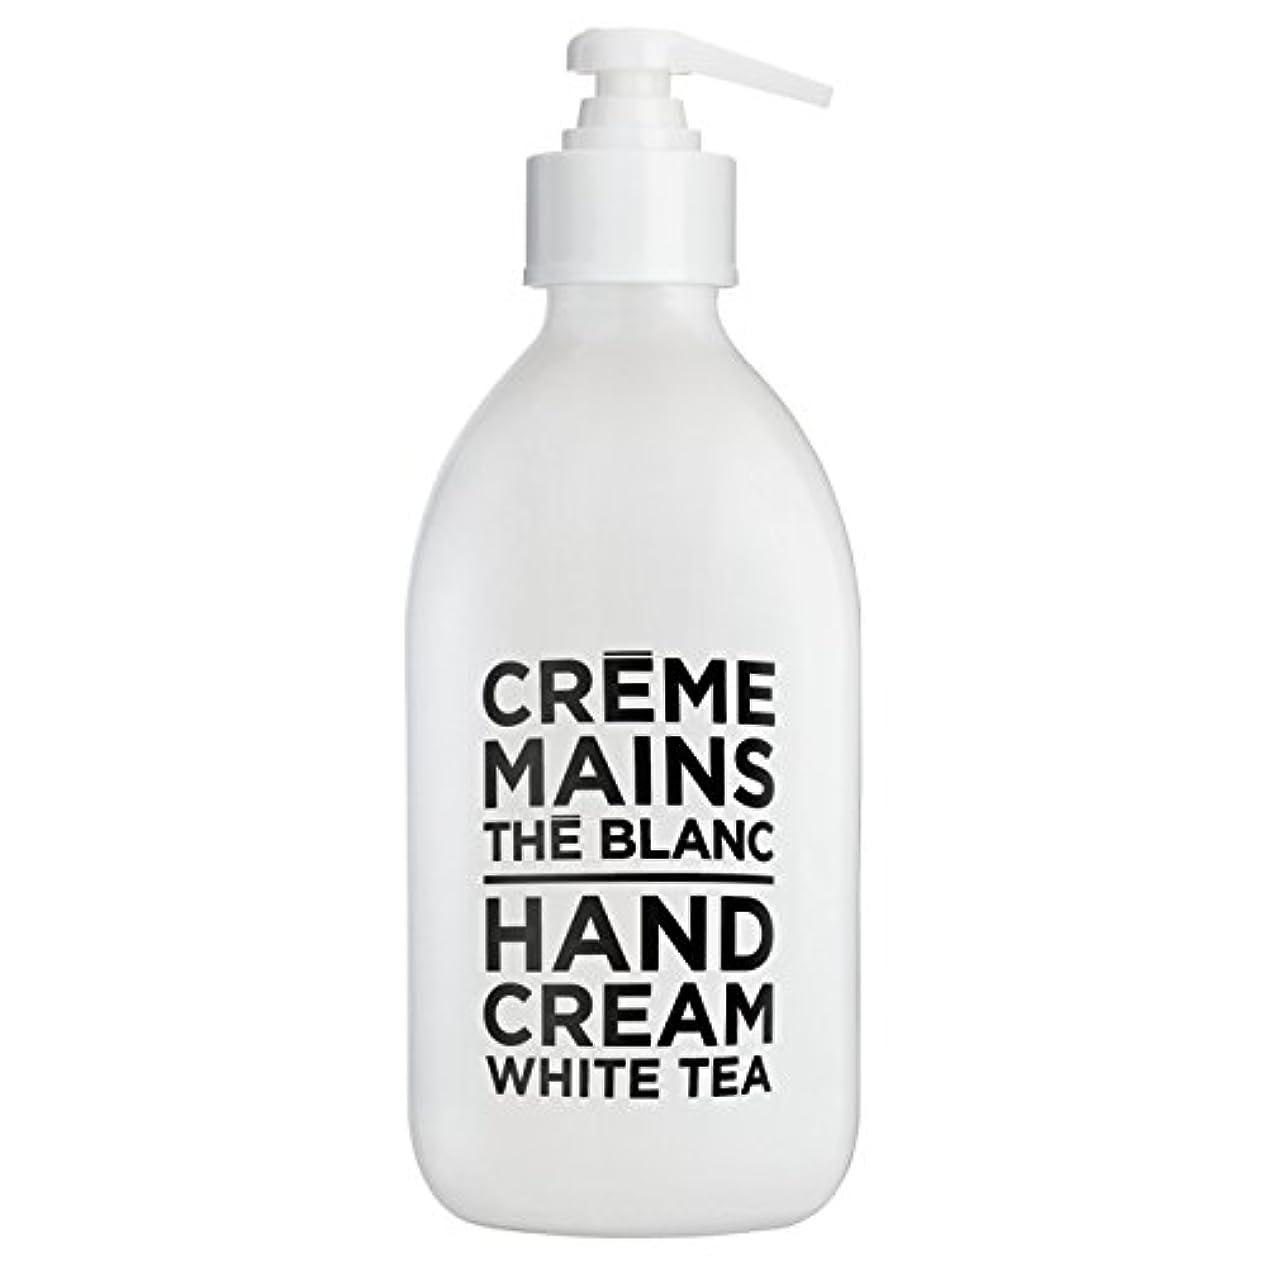 険しいタイマー背の高いカンパニードプロバンス ブラック&ホワイト ハンドクリーム ホワイトティー(ホワイトティーにシトラスを添えた気品ある香り) 300ml